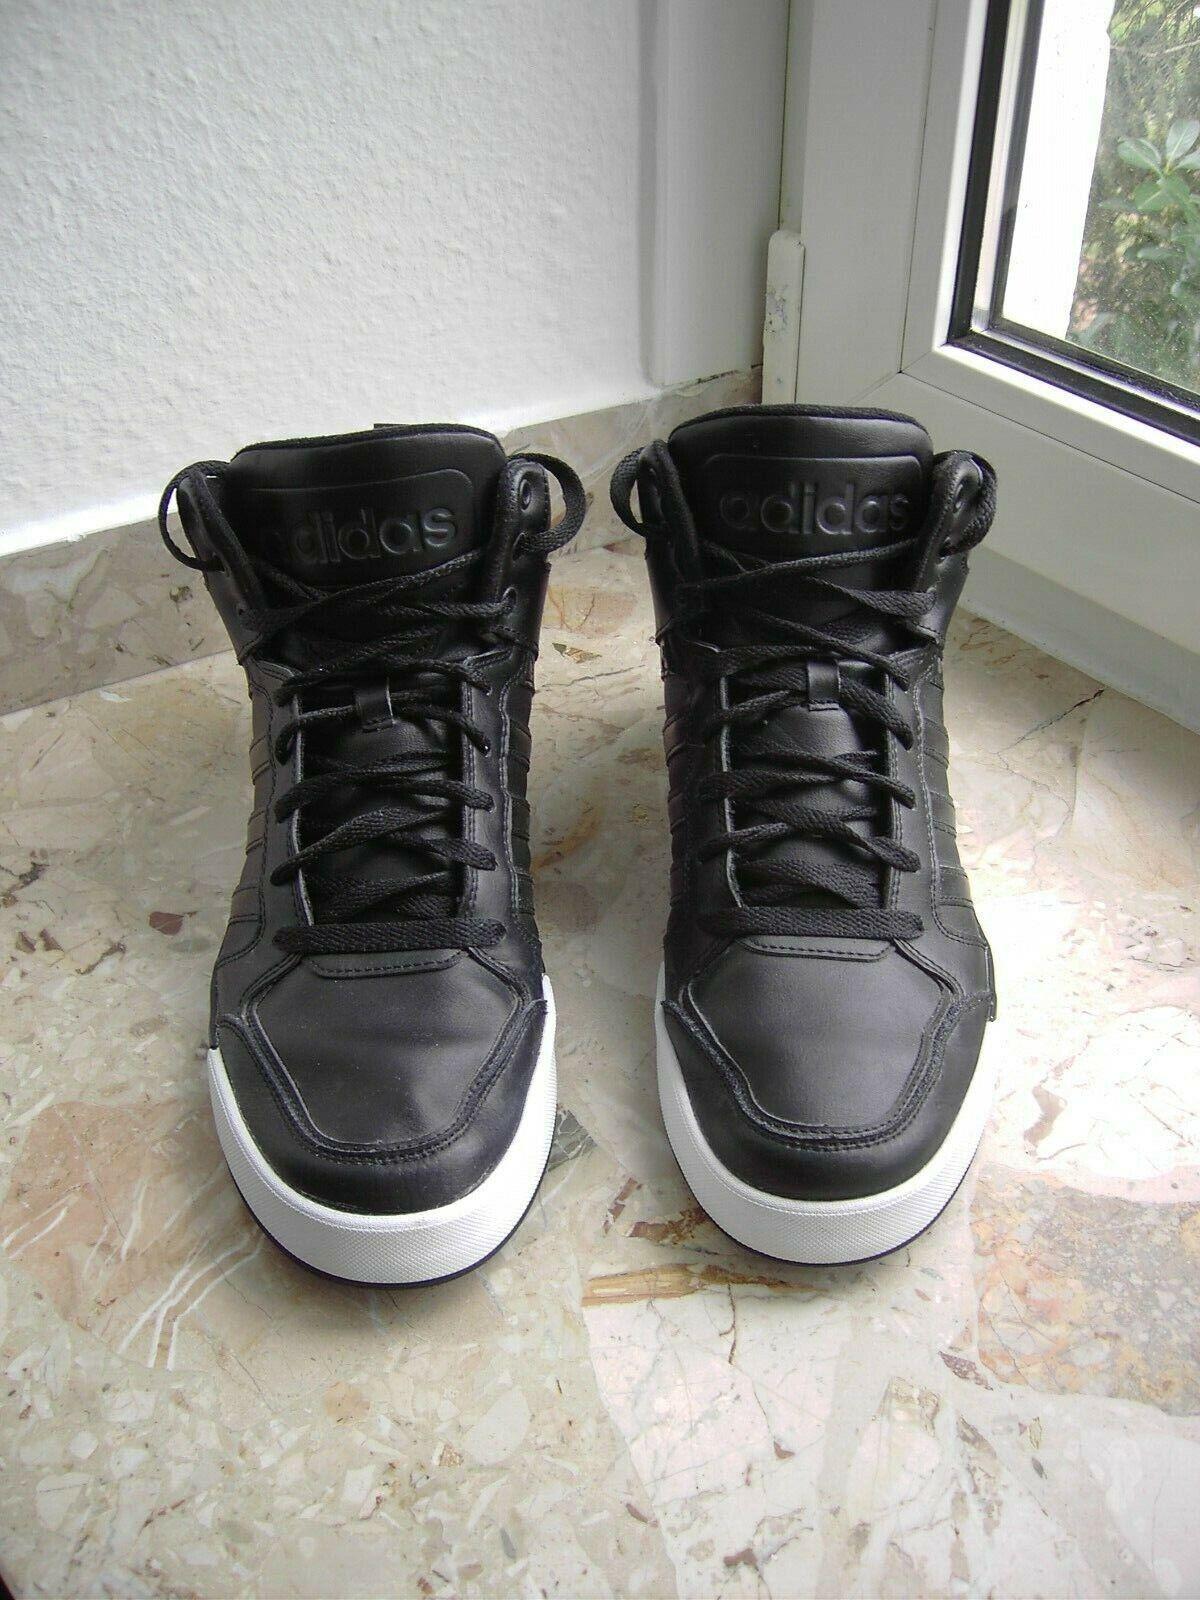 Adidas NEO Raleigh 9tis Mid Gr. 45 13 (US 11; UK 10.5) Schwarz Sneaker Herren